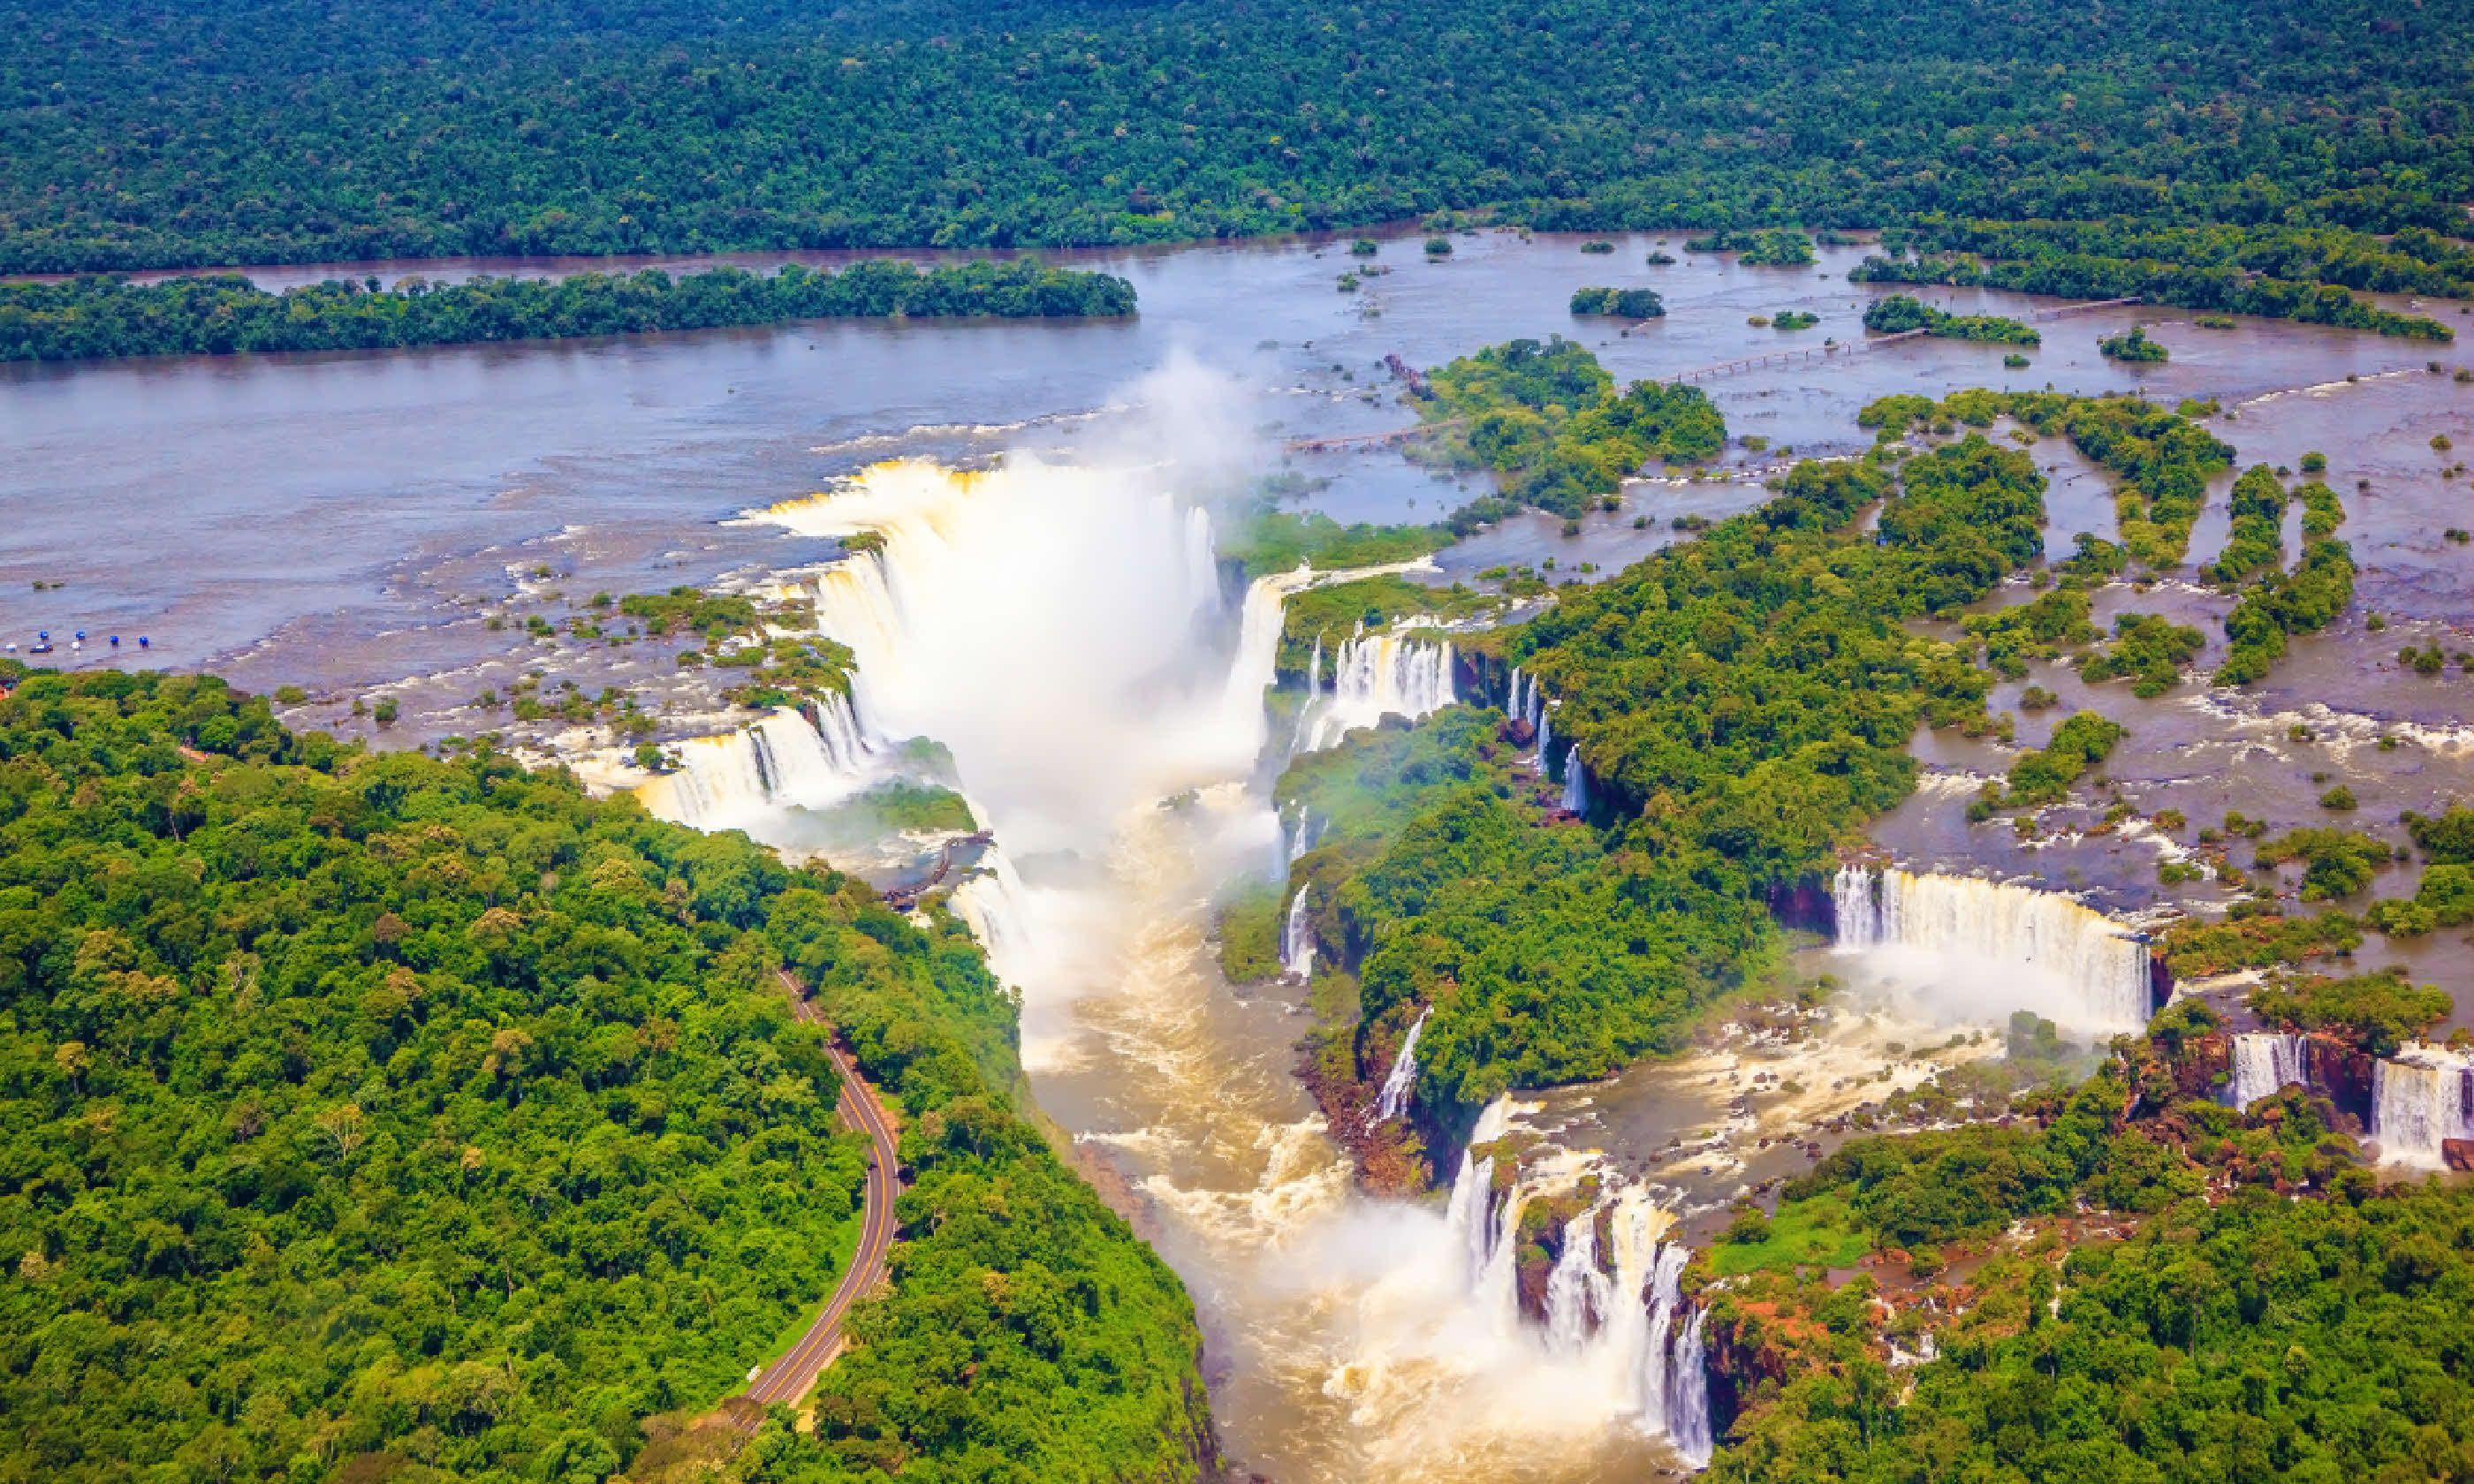 Devil's Throat - largest waterfall of Iguazu Falls (Shutterstock)